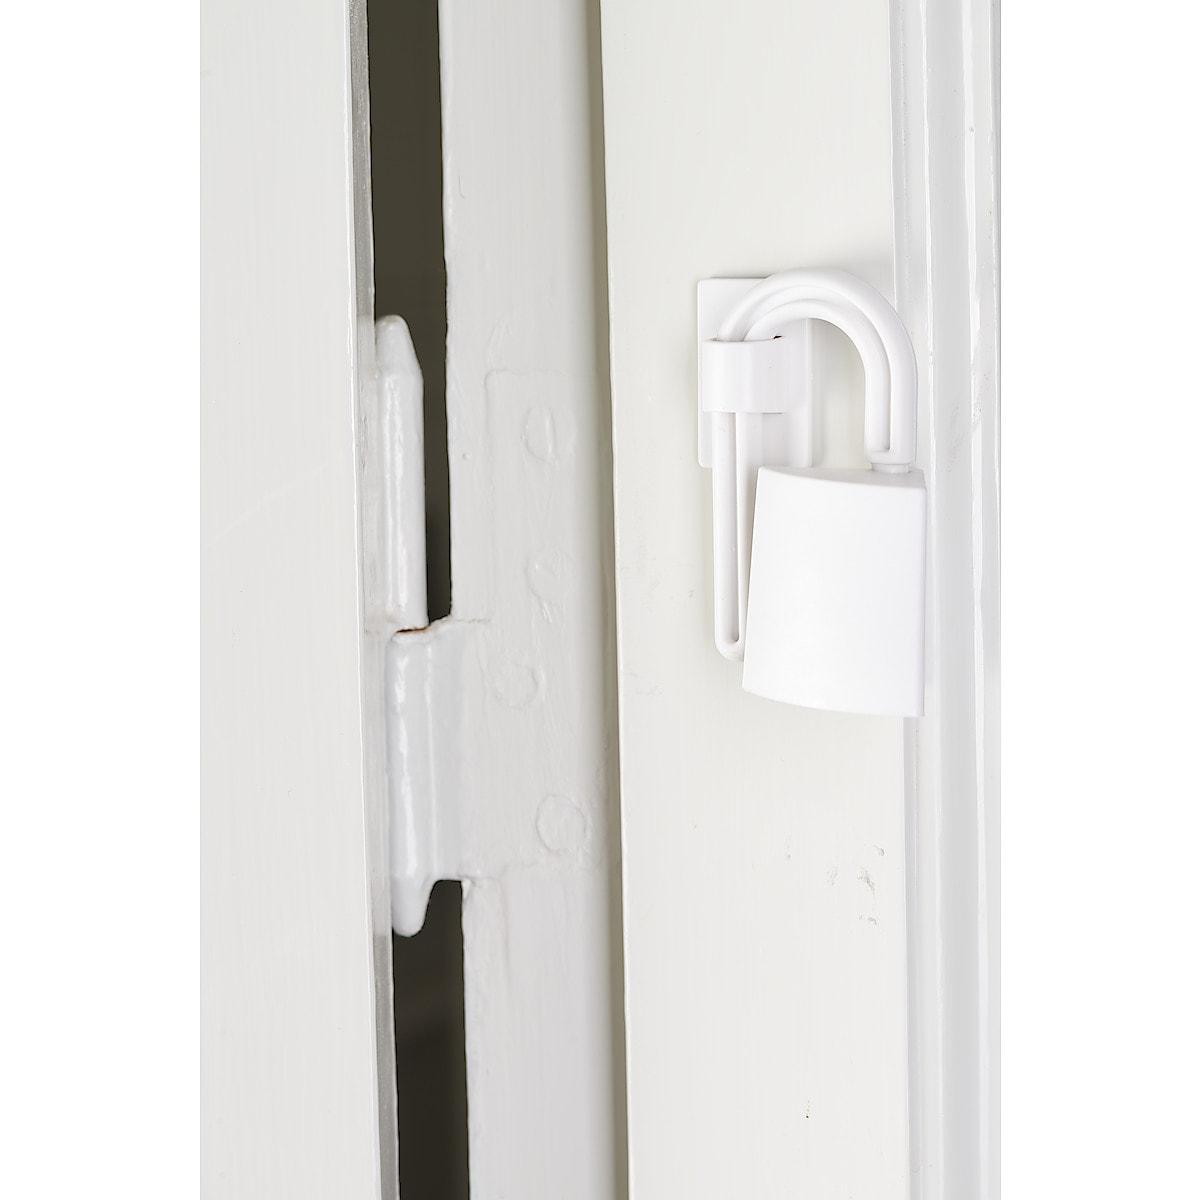 Klemmschutz für Türen